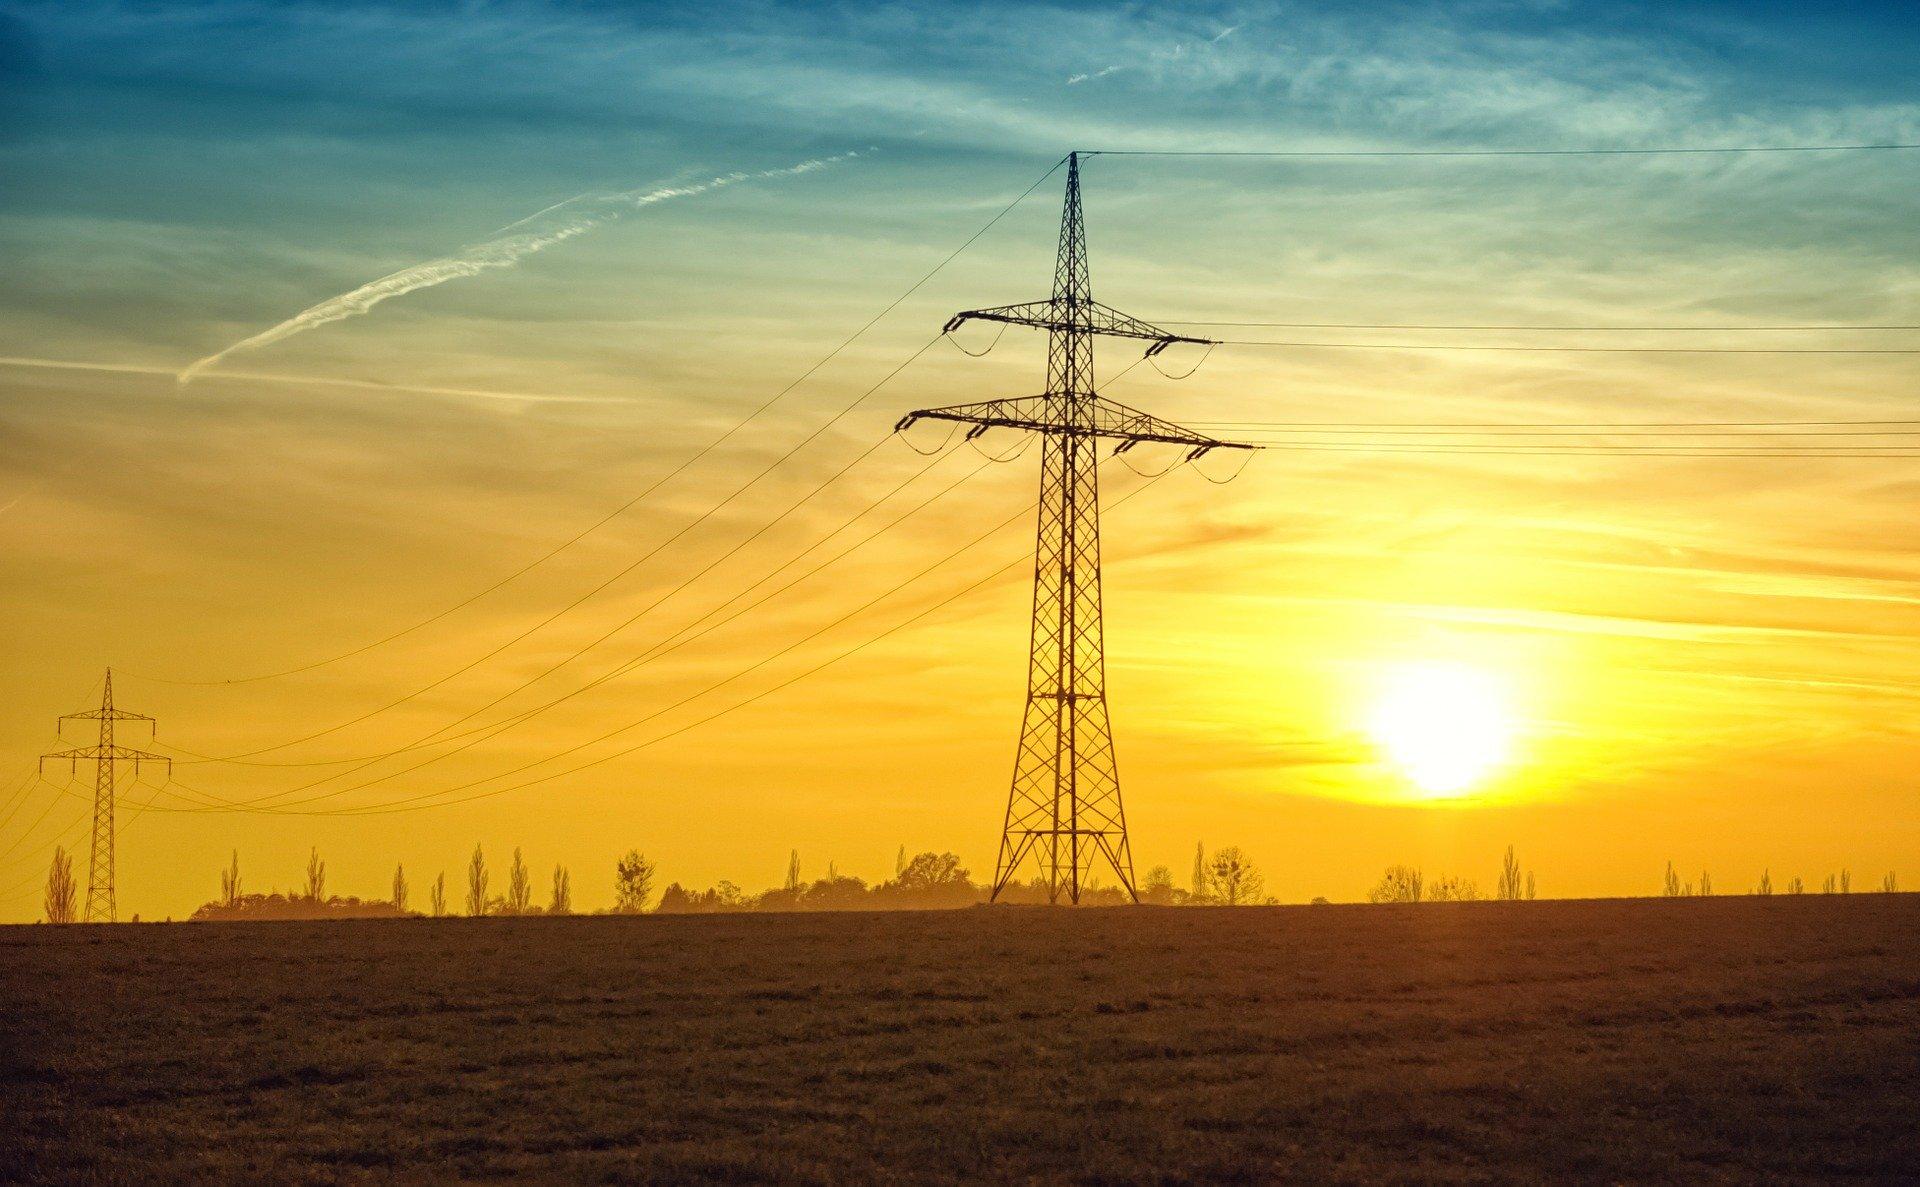 """a2a energia, A2a energia: secondo Hera, la fusione con Aim-Agsm """"non s'ha da fare"""", BorsaMagazine.it, BorsaMagazine.it"""